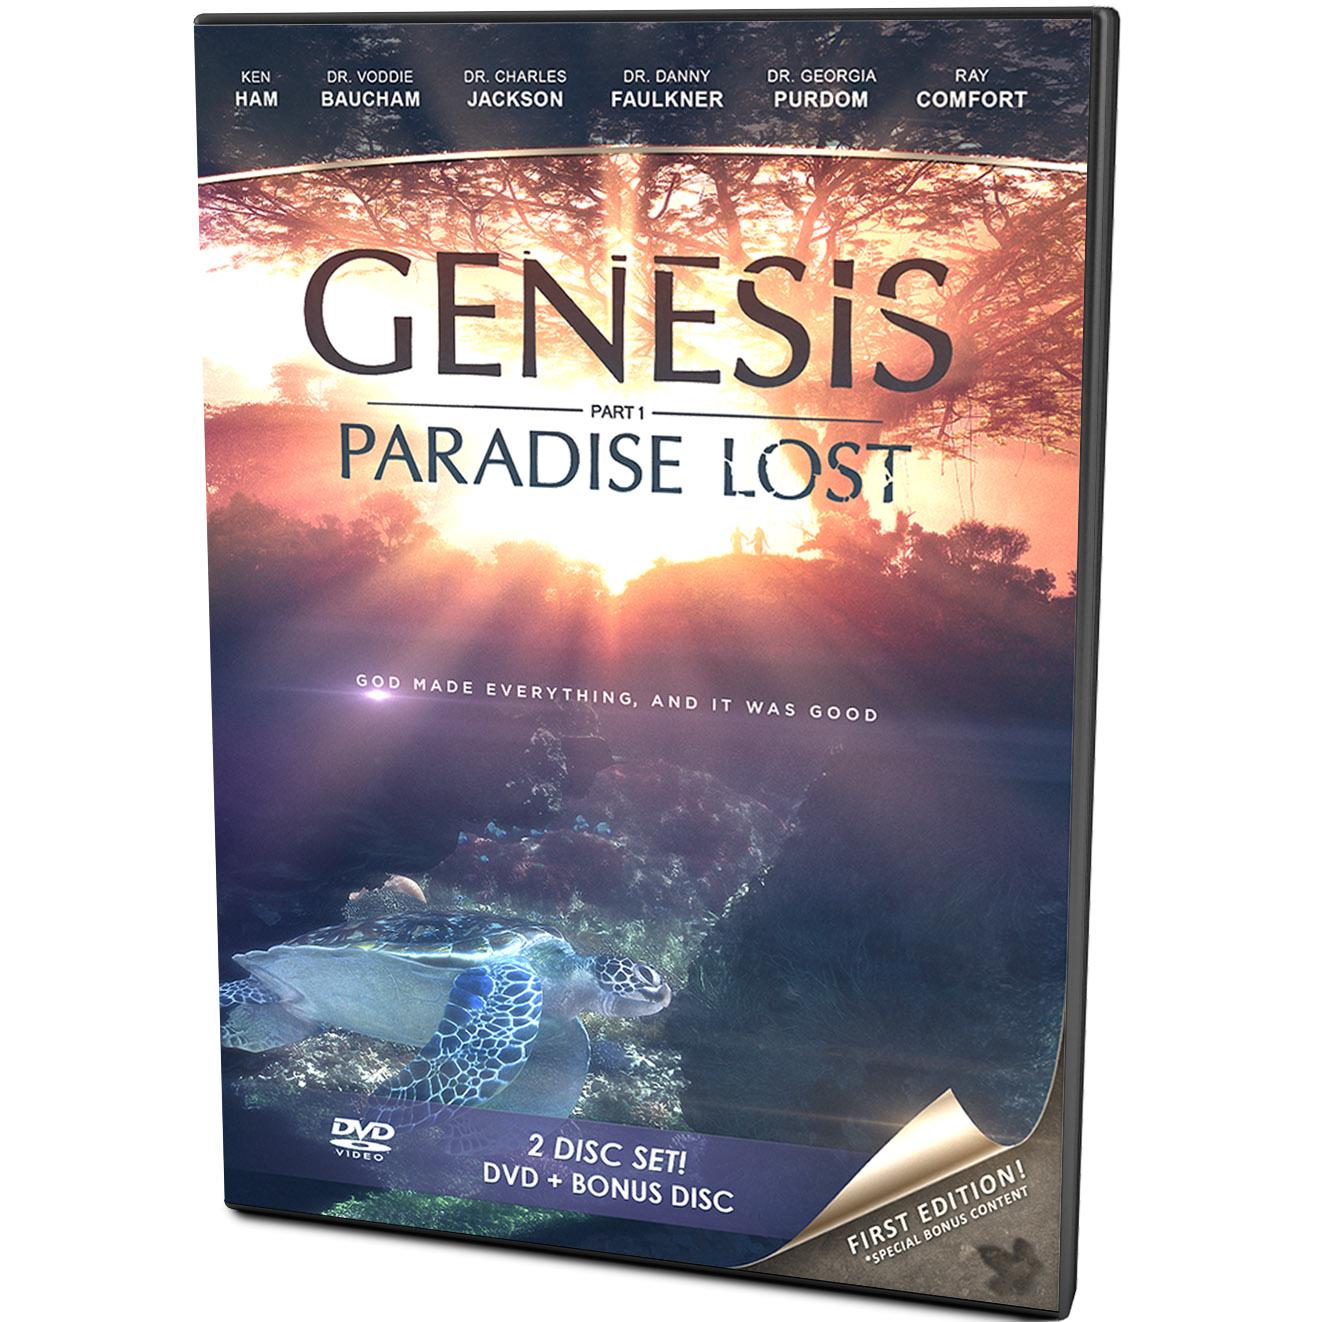 Genesis: Paradise Lost DVD